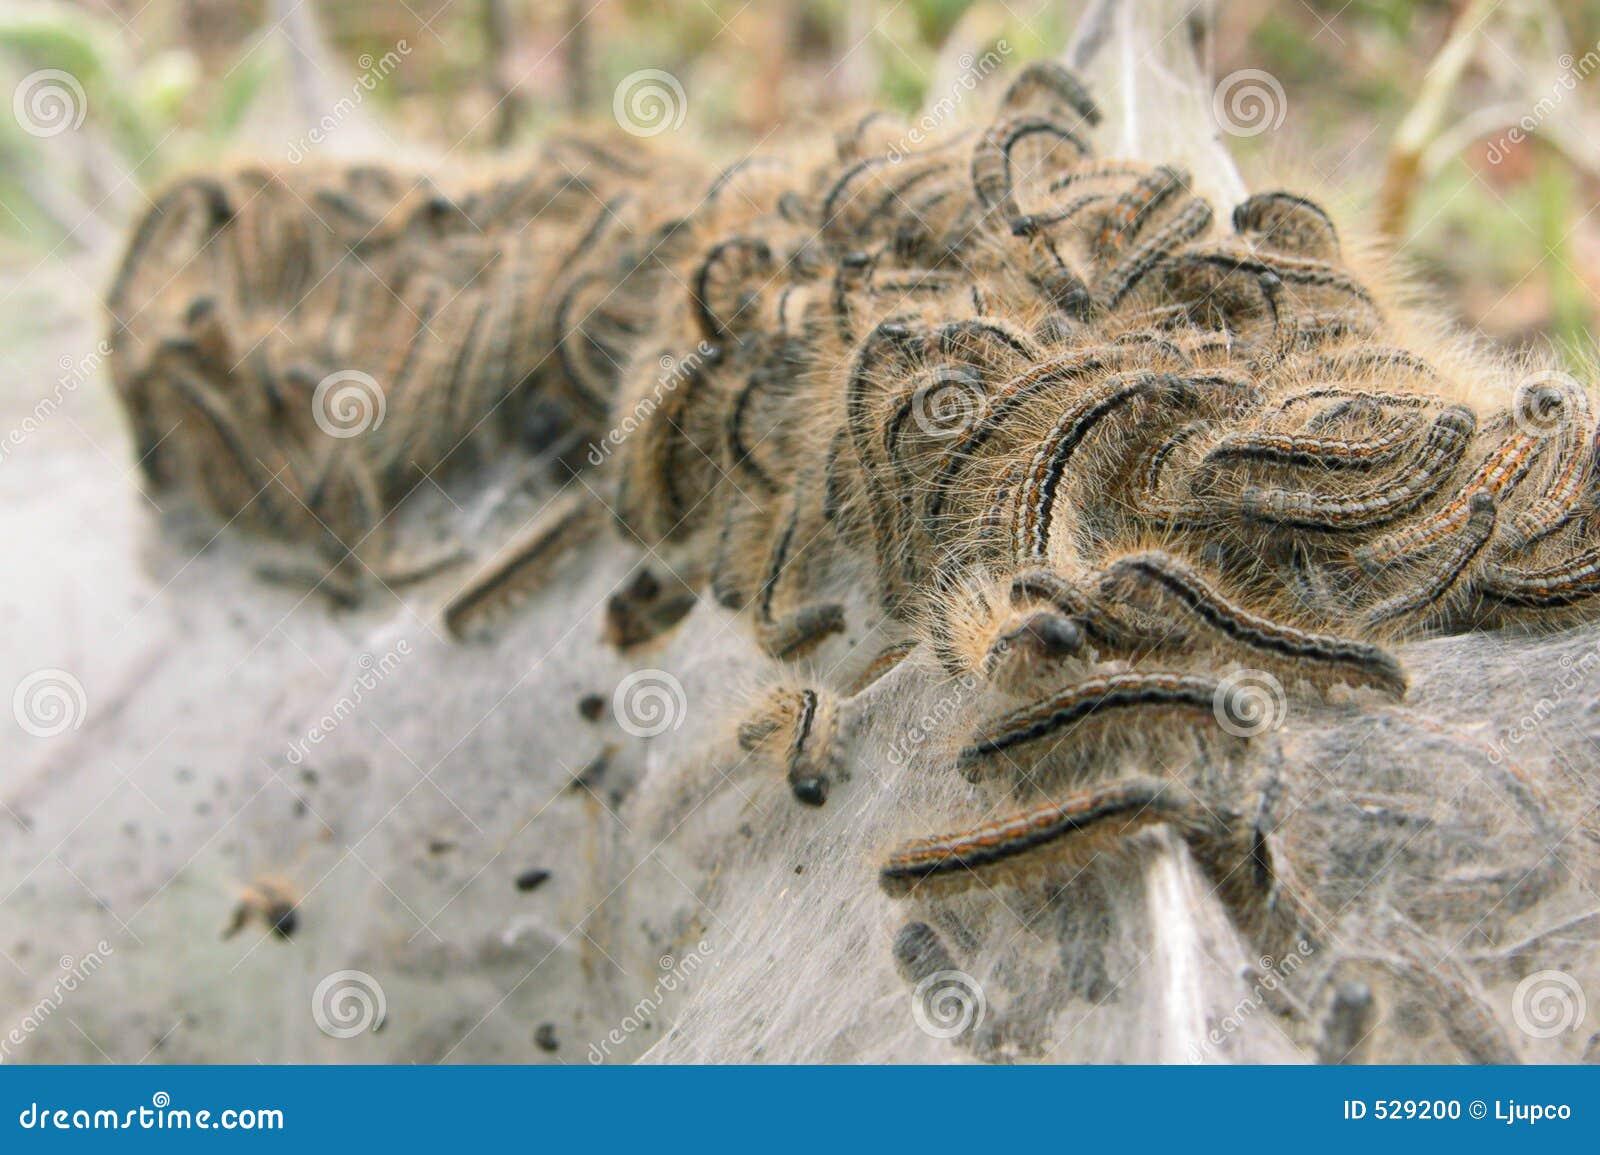 Download 幼虫丝绸 库存照片. 图片 包括有 绿色, 净额, 许多, 本质, 遭遇, 农场, 颜色, 详细资料, 生活 - 529200